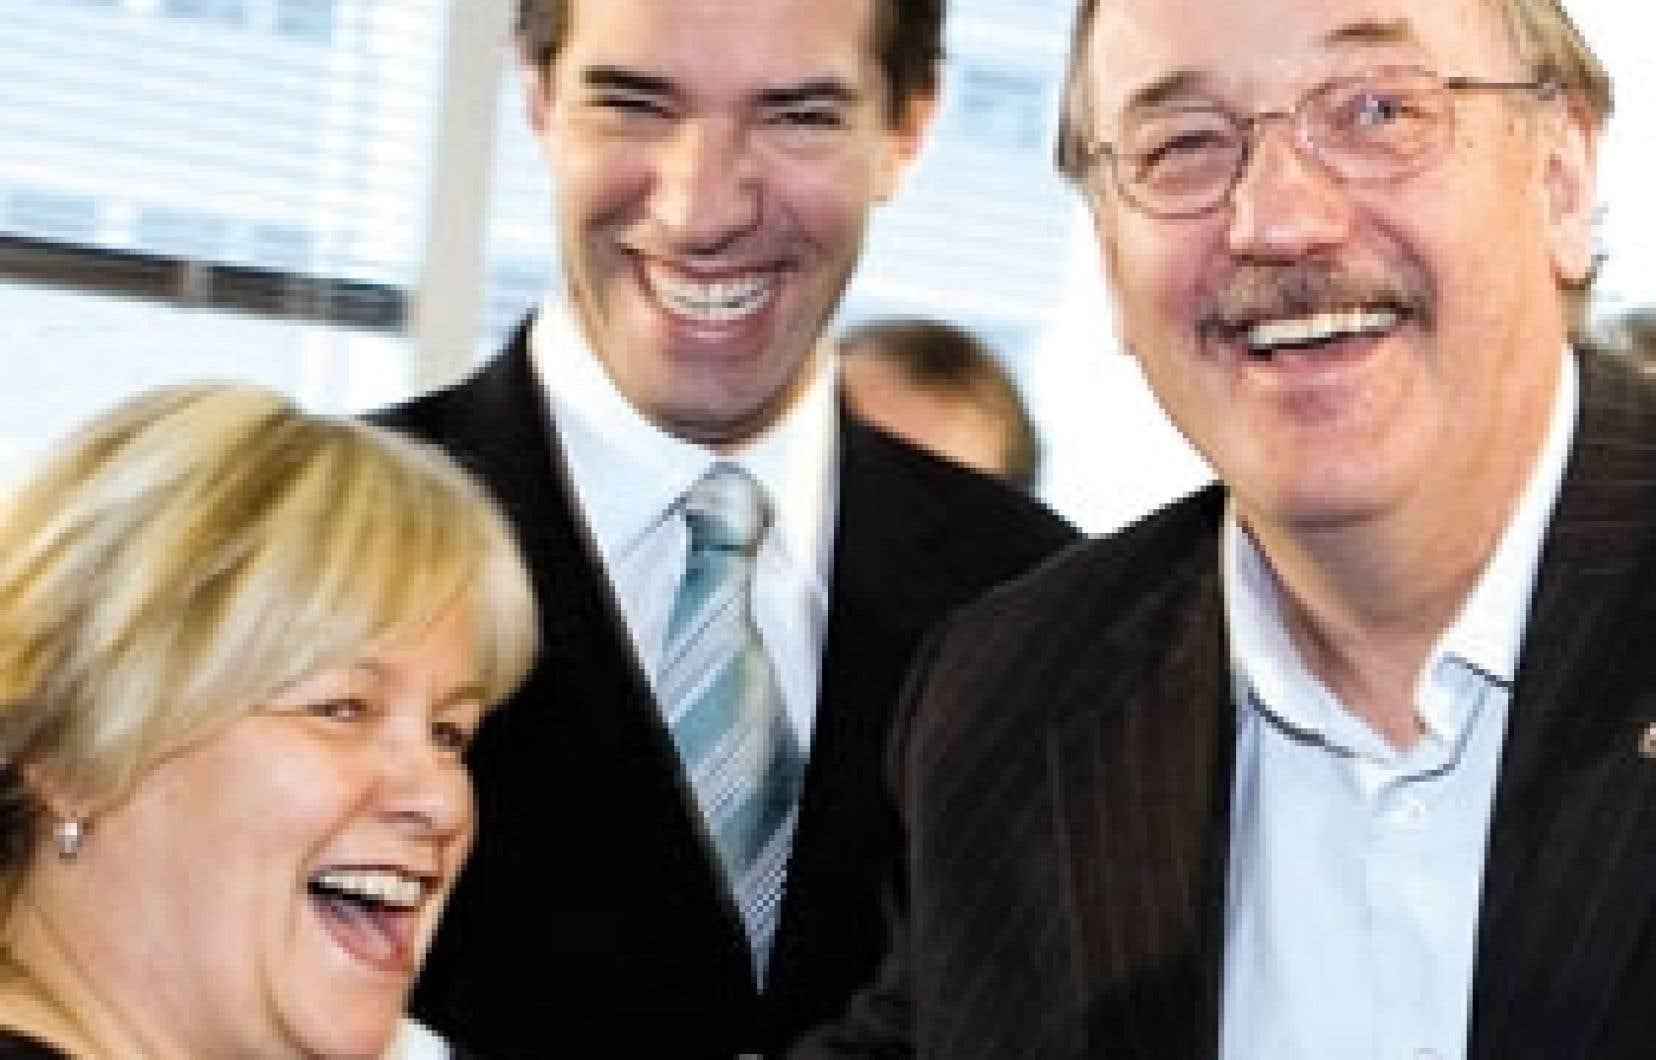 La présidente du Parti québécois, Monique Richard, le chef du parti, André Boisclair et le président de la FTQ, Henri Massé, au cours d'une conférence de presse tenue hier à Montréal afin de sceller l'appui de la centrale syndicale au Parti